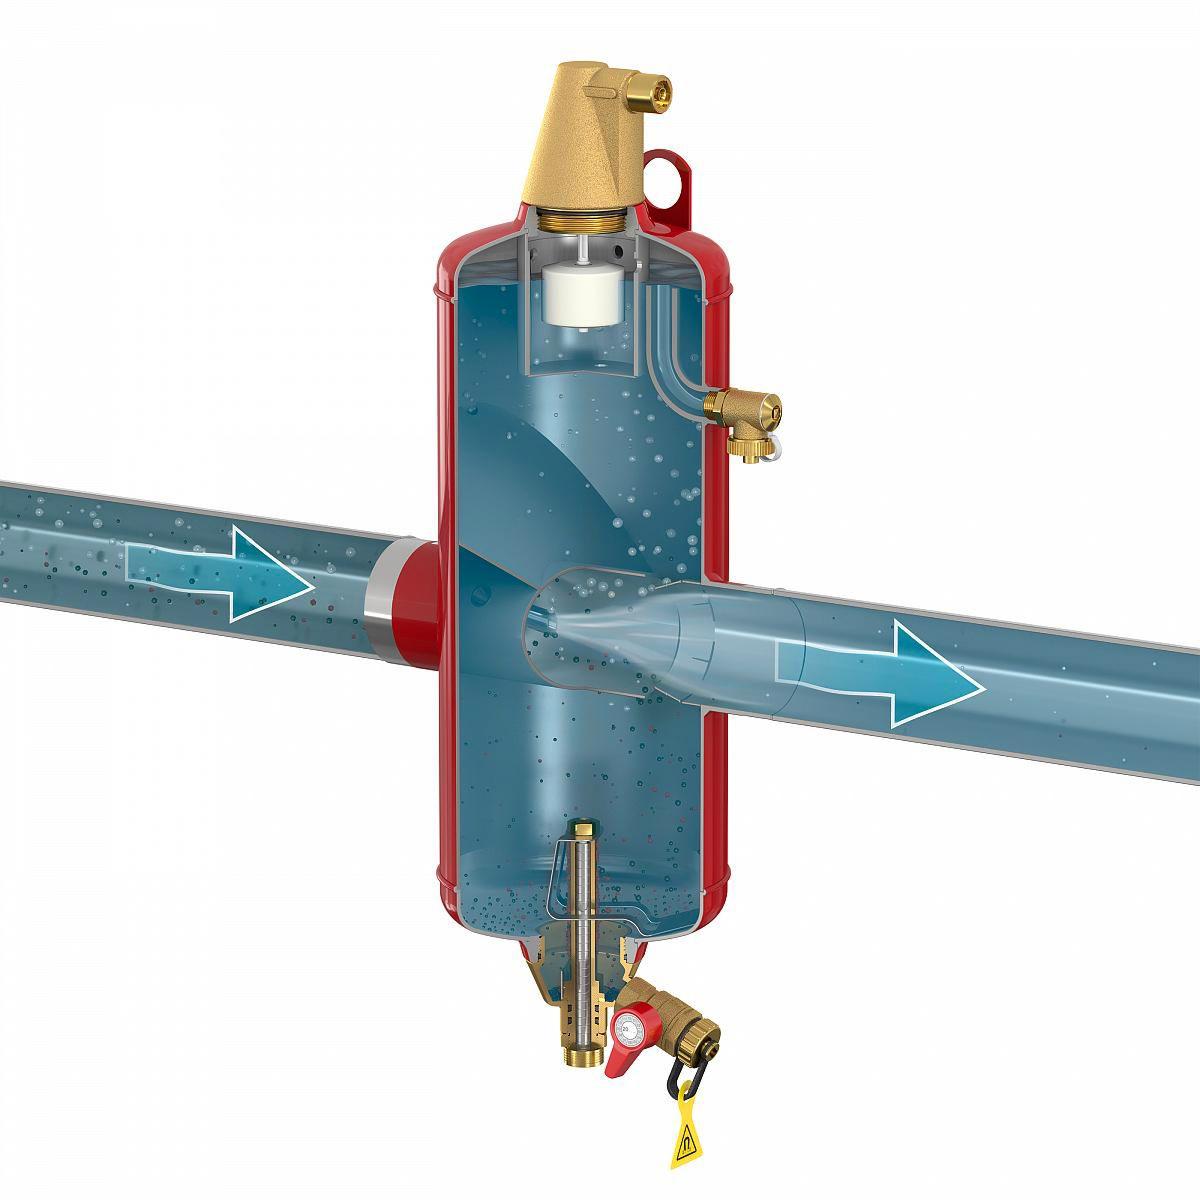 Принцип работы сепаратора воздуха